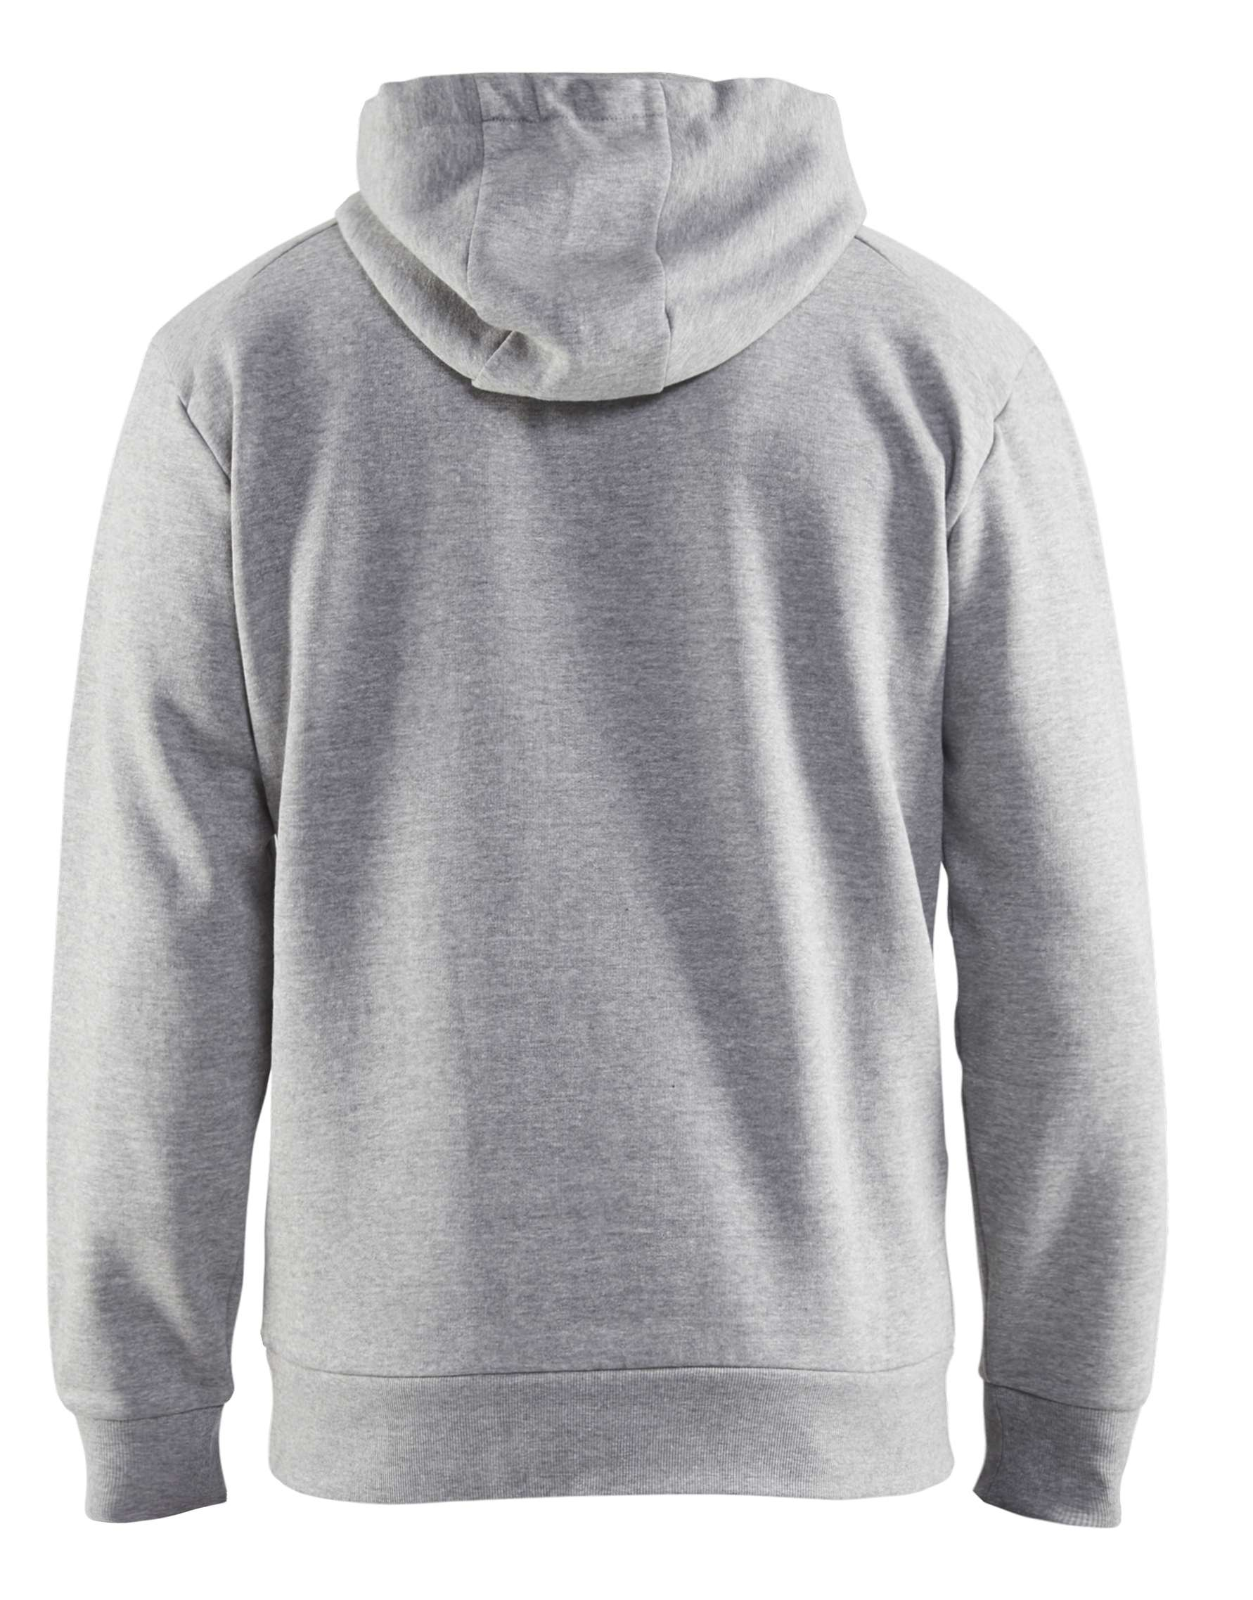 Blaklader Hooded Sweatshirts 91731157 grijs melee(9000)